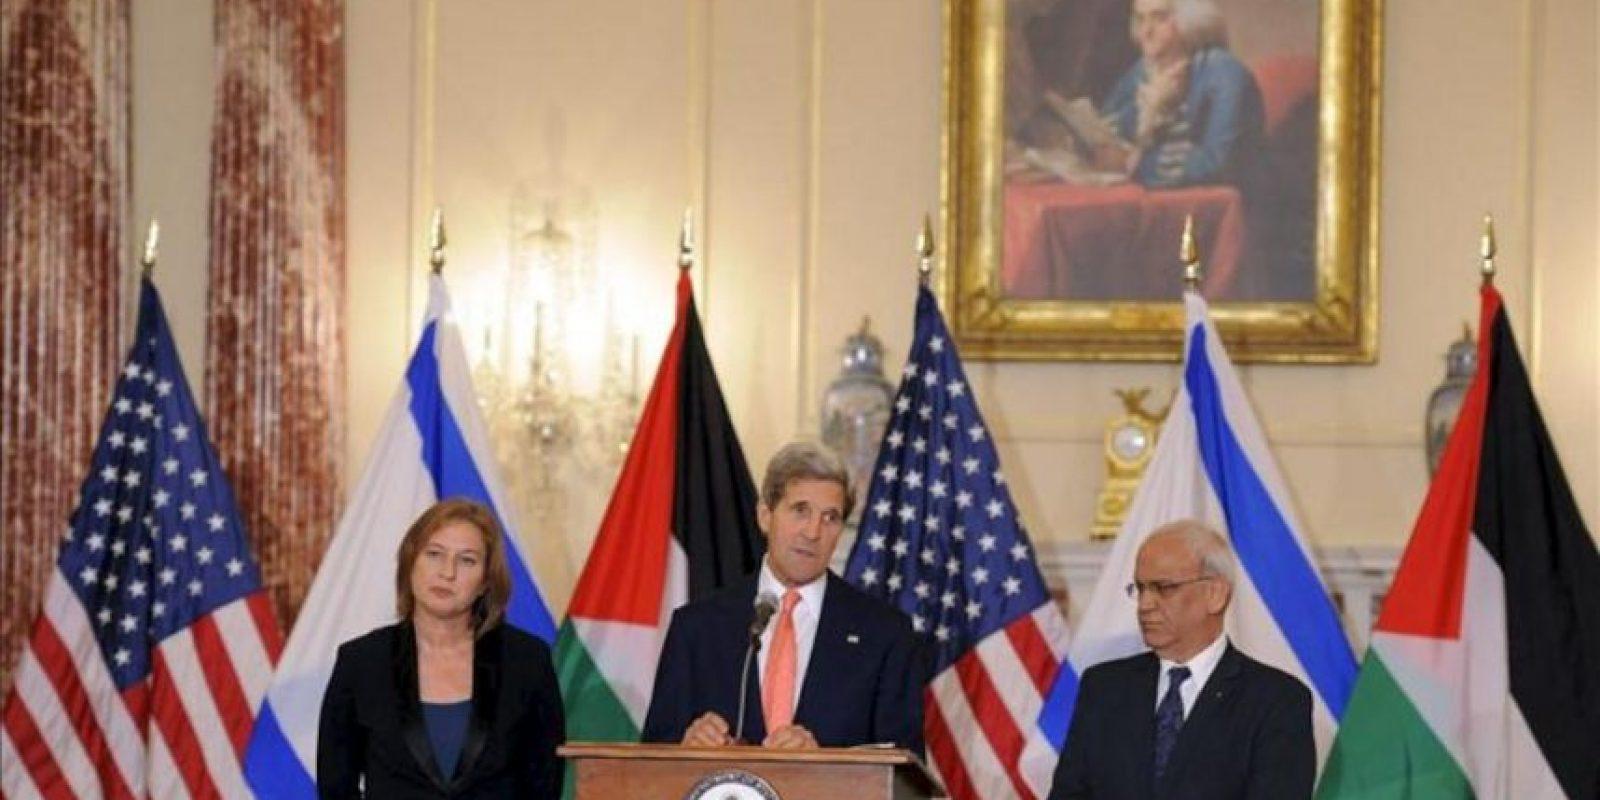 El secretario de Estado de EE.UU., John Kerry (C) habla junto a la ministra de Justicia y jefa negociadora israelí, Tzipi Livni (i), y el negociador de la Autoridad Nacional Palestina (ANP) Saeb Erekat (d), tras la rueda de prensa que han ofrecido después de las reuniones de diálogo entre Israel y Palestina. EFE